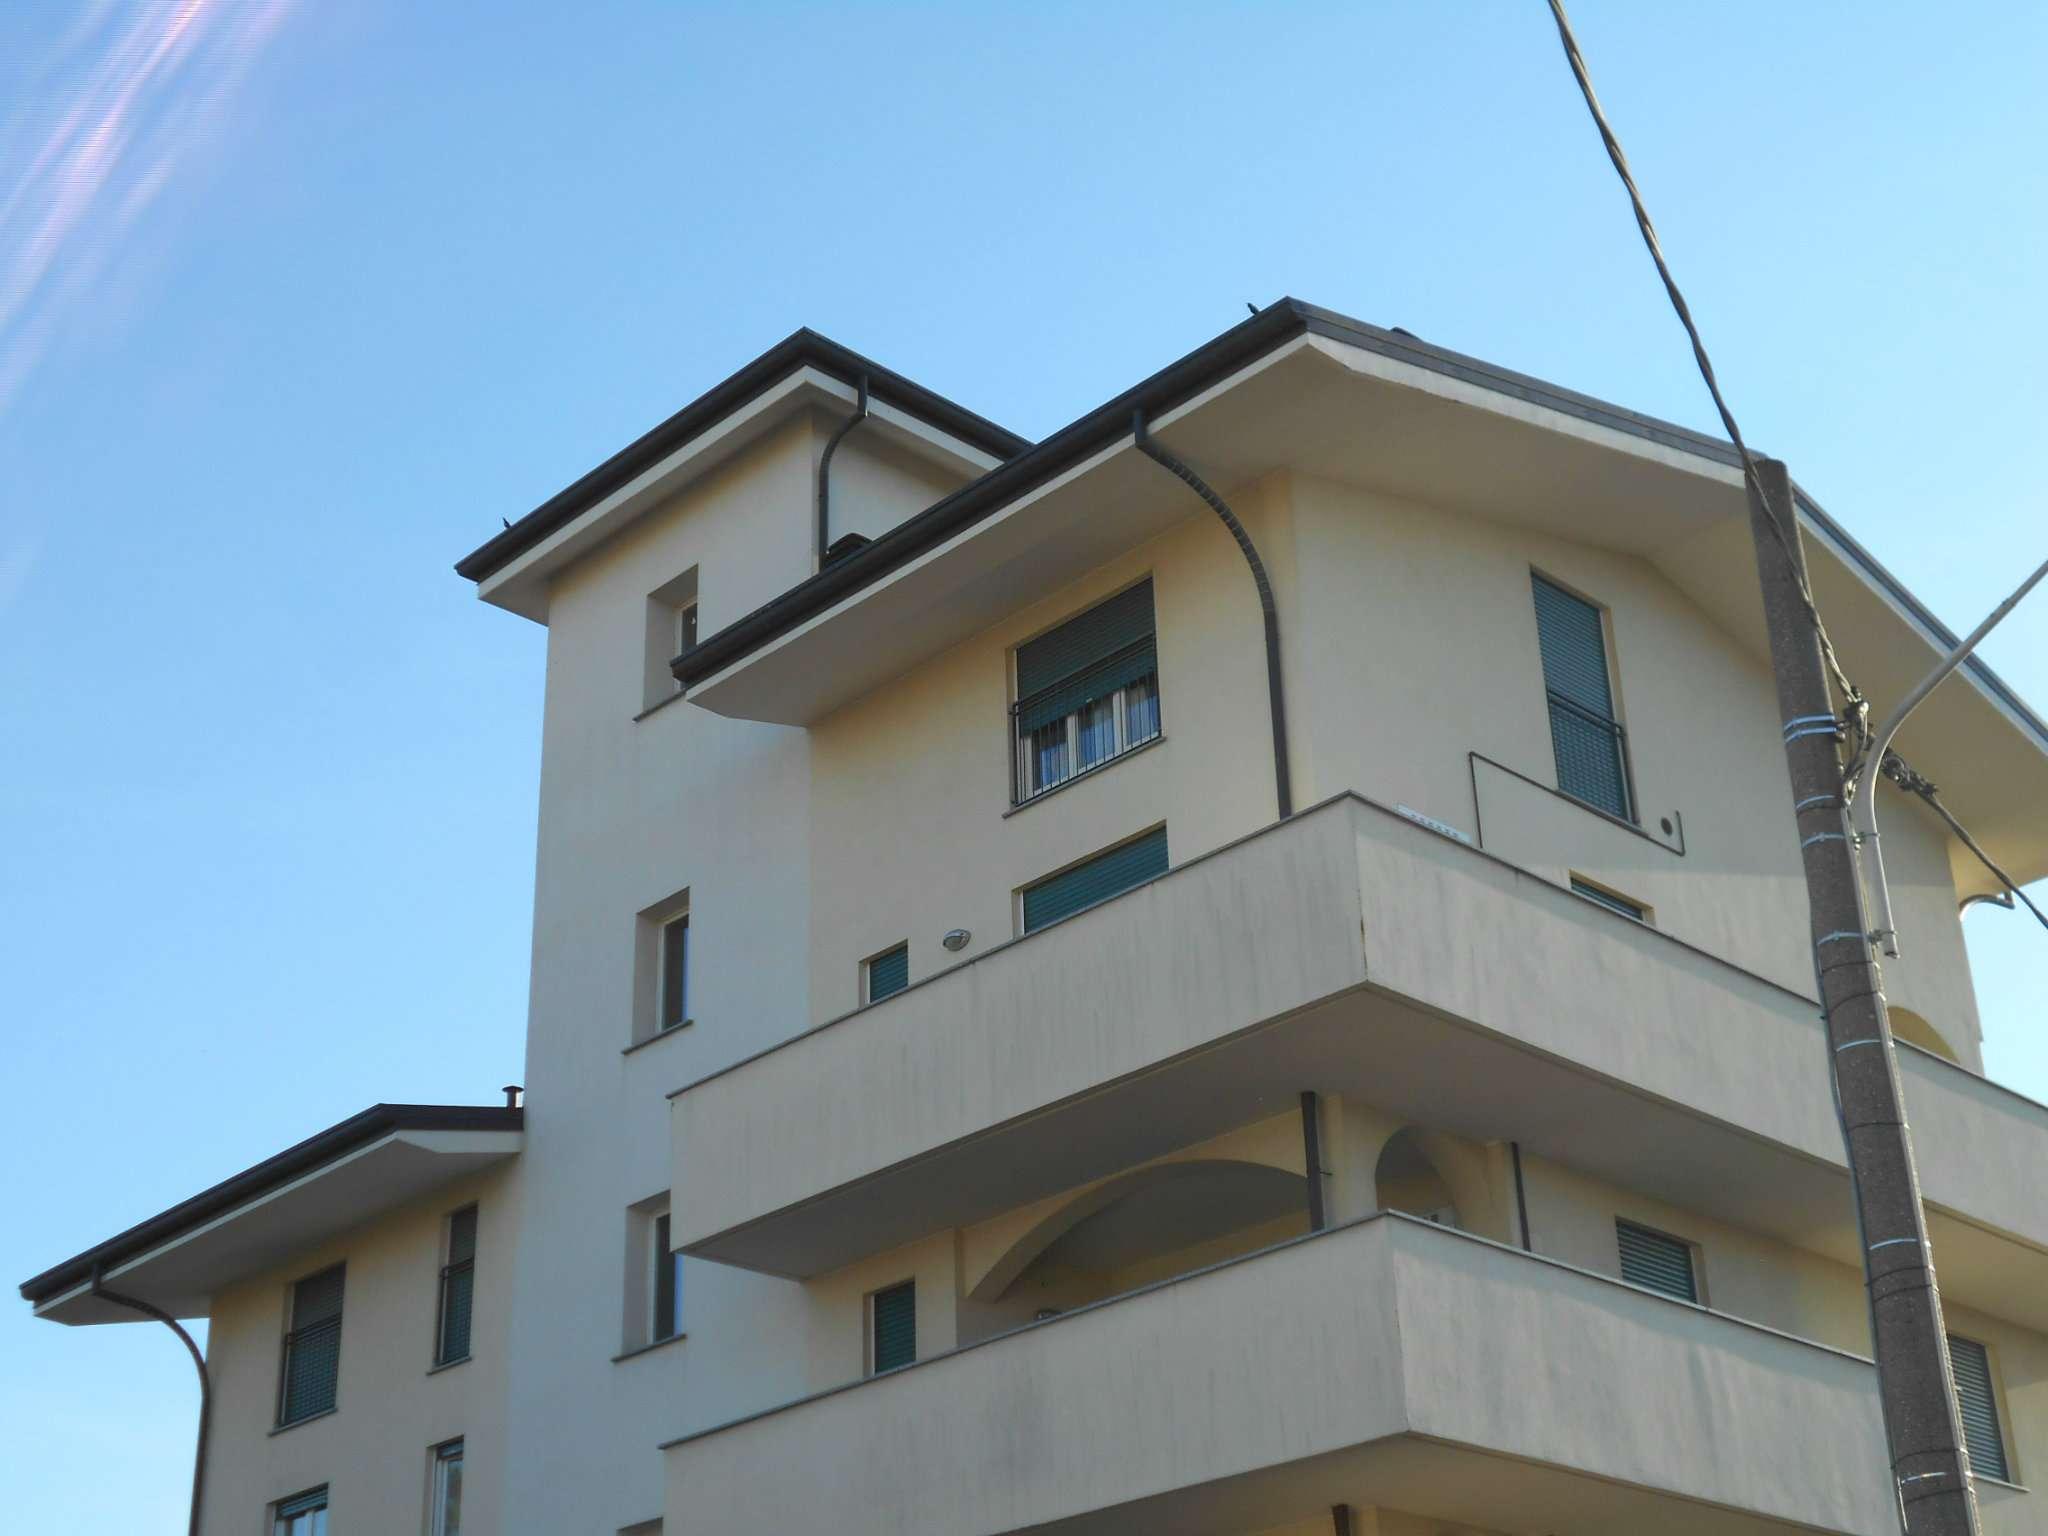 Attico / Mansarda in vendita a Lissone, 3 locali, prezzo € 215.000 | PortaleAgenzieImmobiliari.it